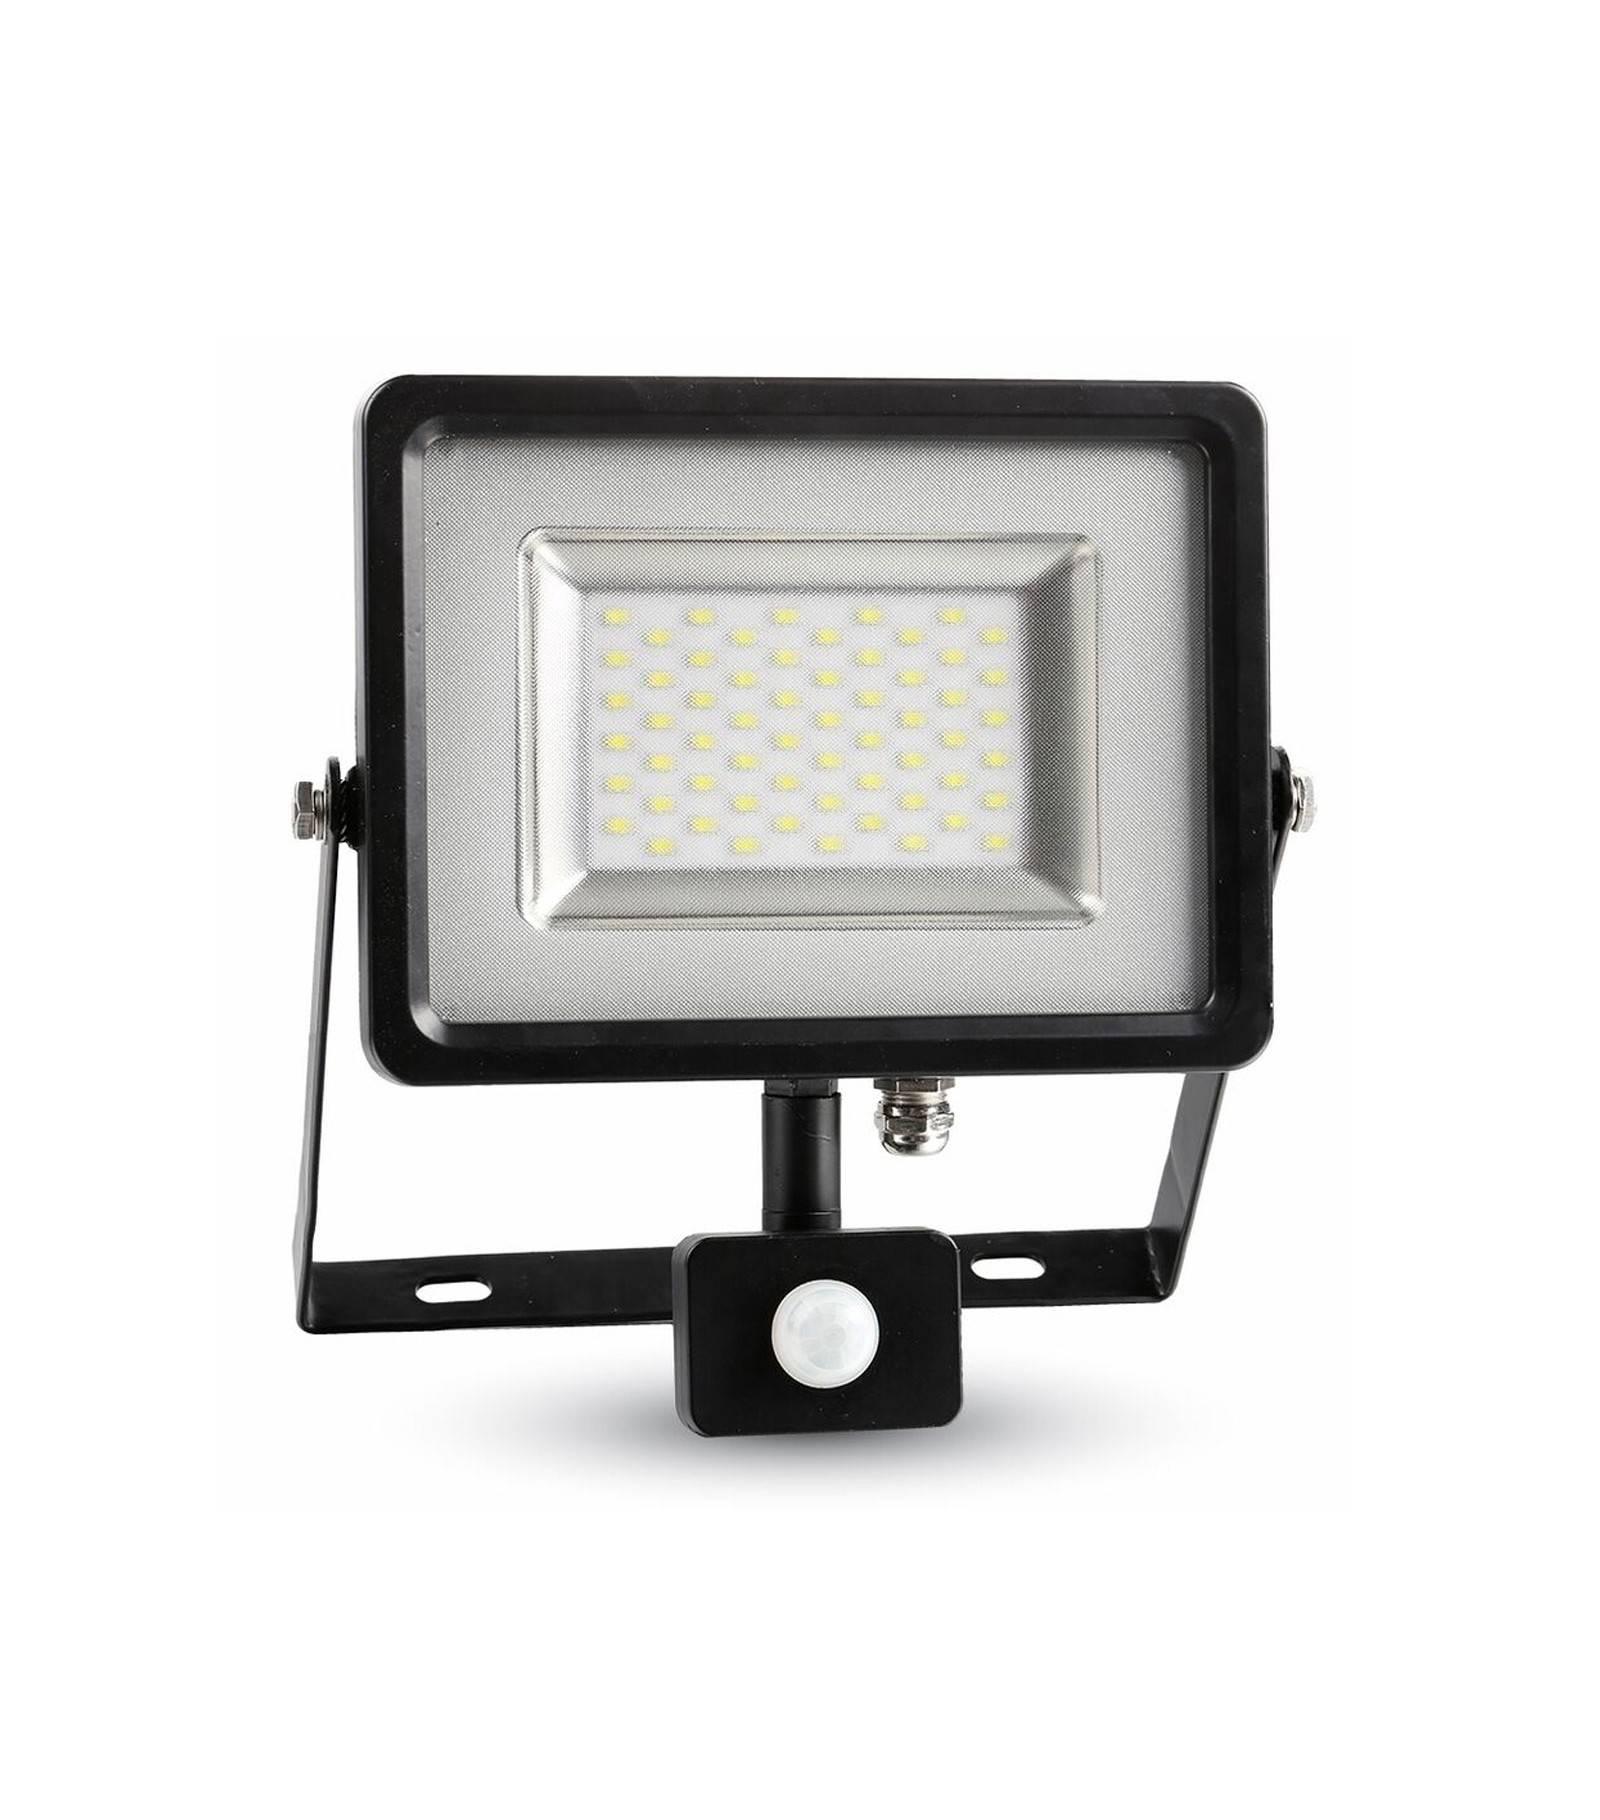 V-TAC Projecteur LED SMD Floodlight avec capteur 30W 2400LM IP44 3000K Blanc Chaud V-TAC - 5699